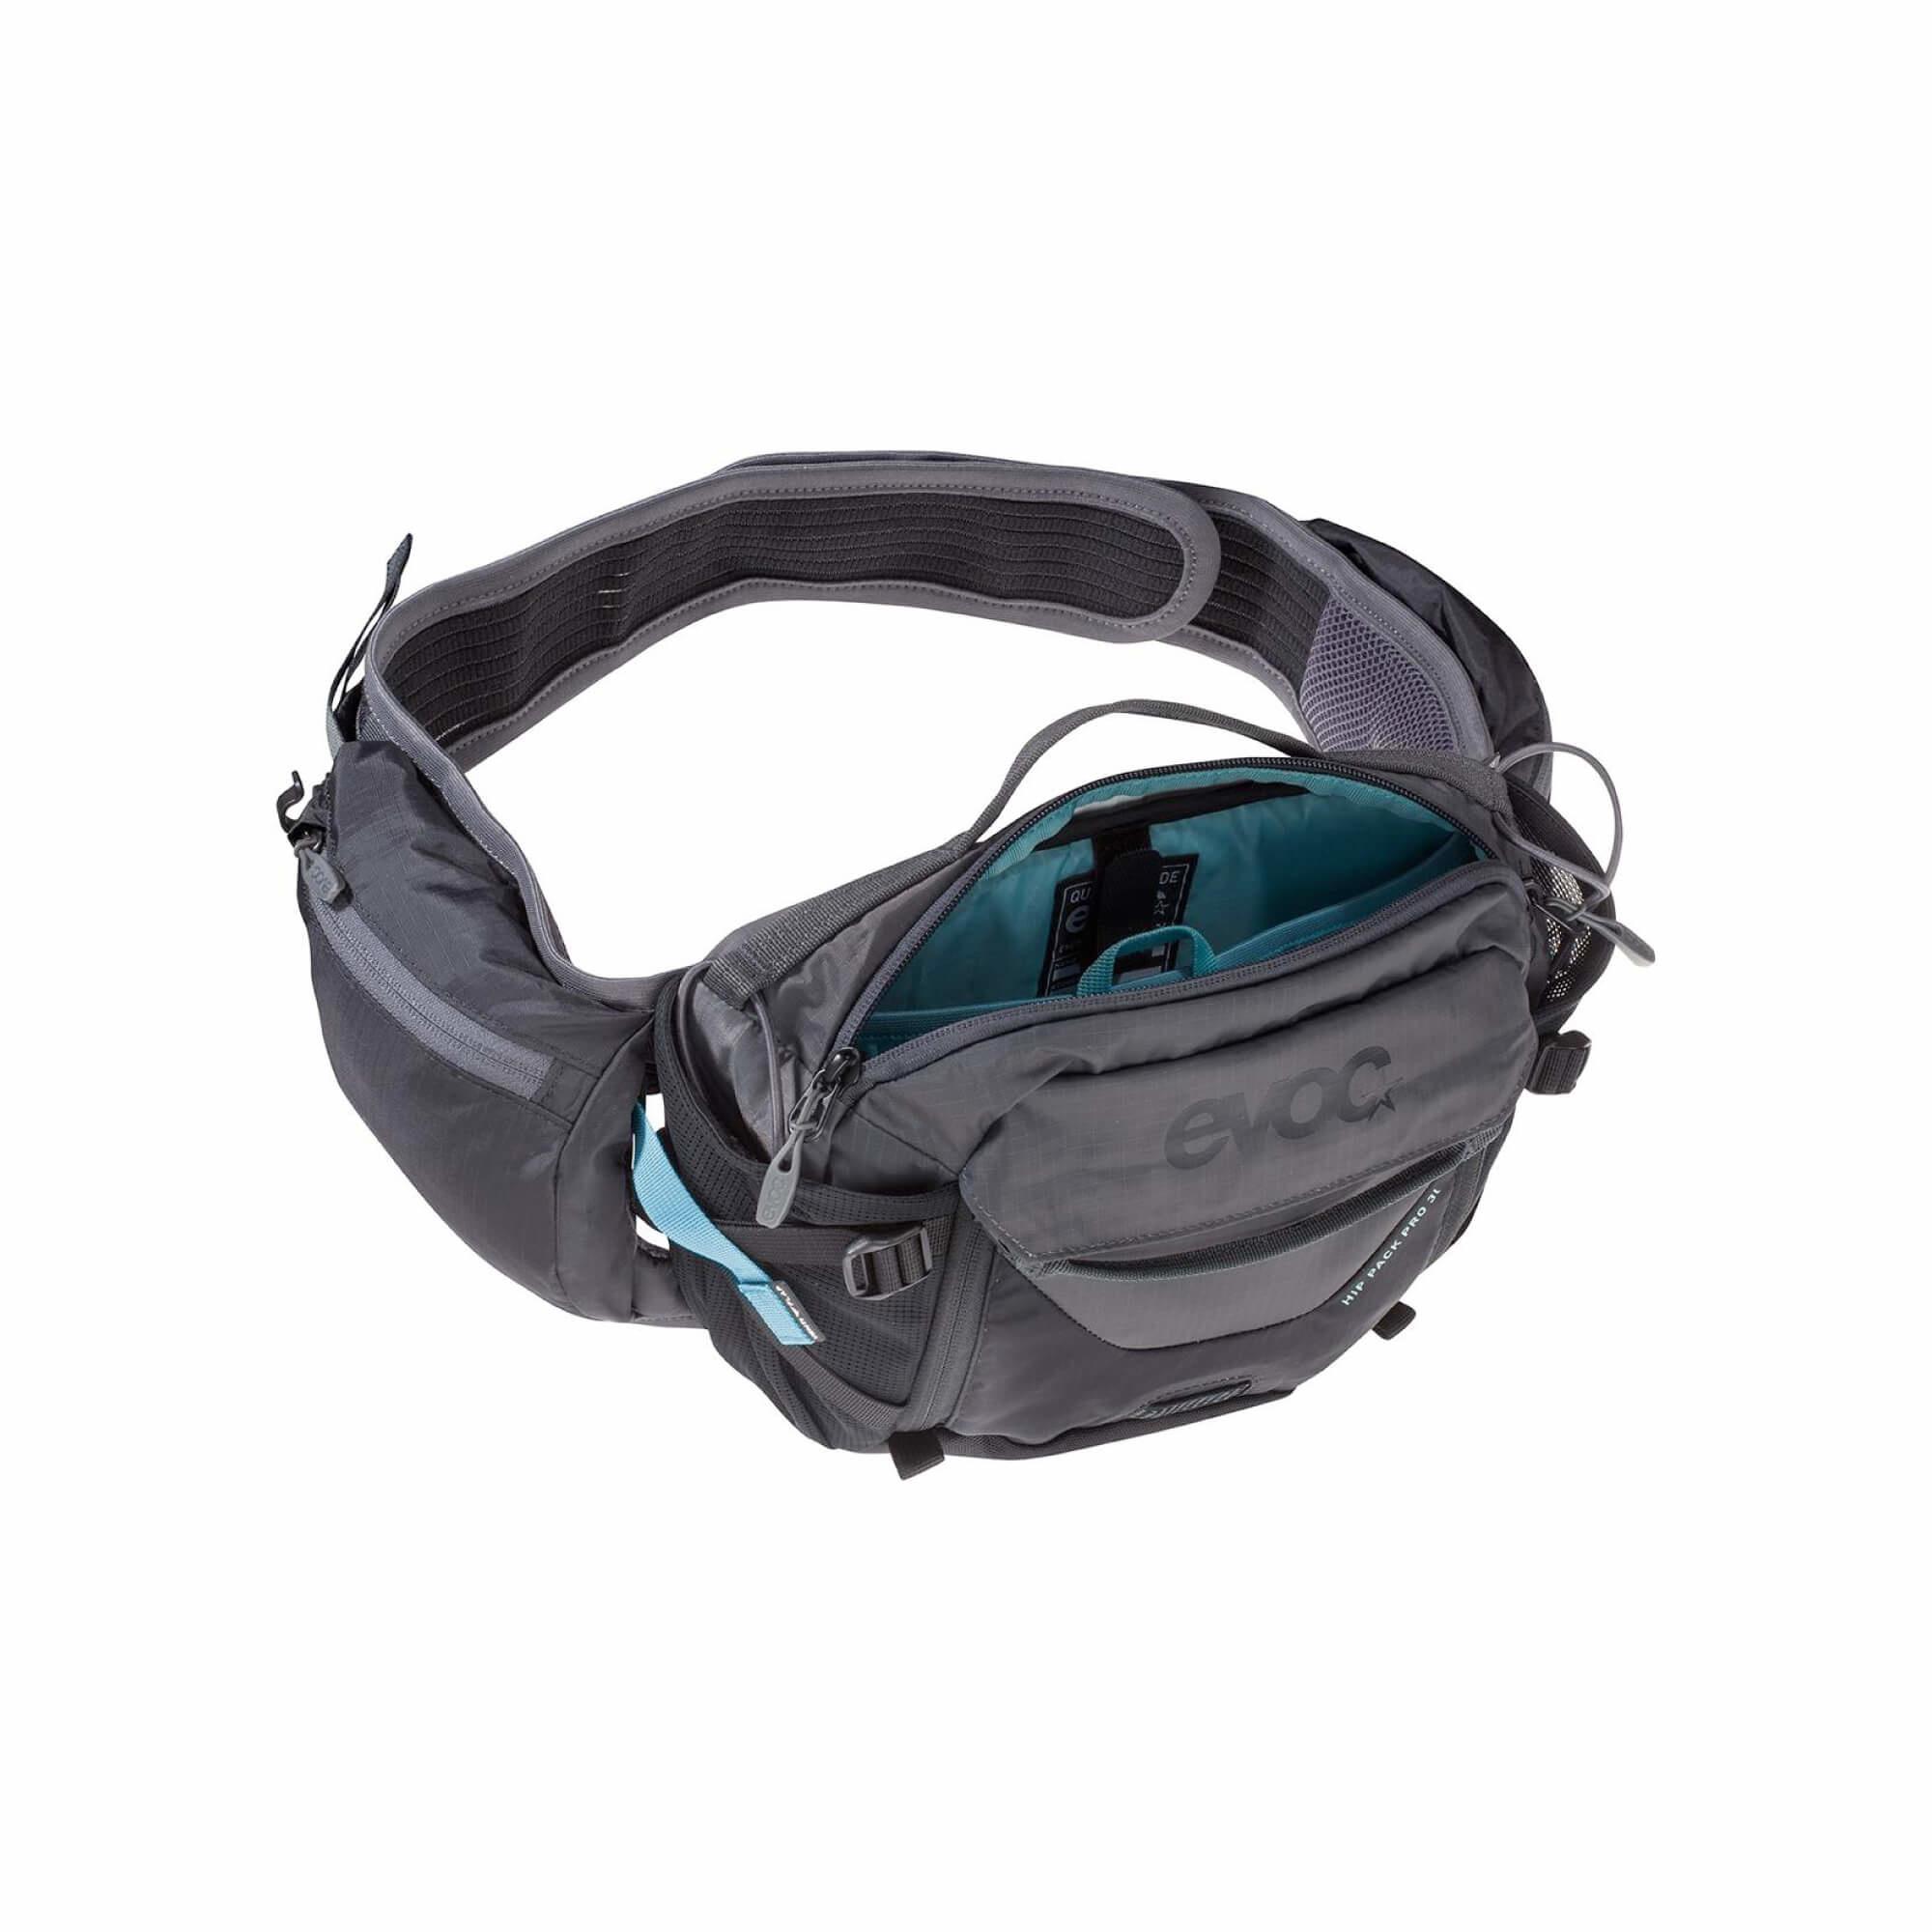 Hip Pack Pro 3L + 1.5L Bladder-5